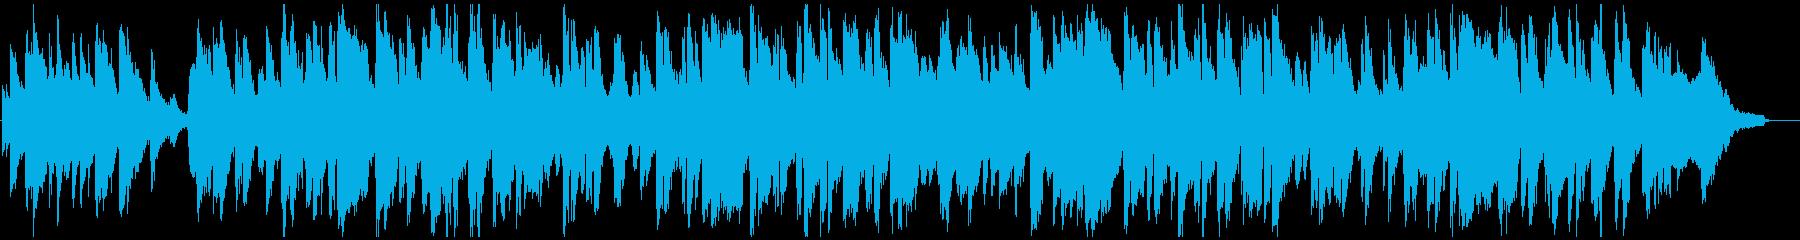 アメイジンググレイス ピアノボーカルの再生済みの波形